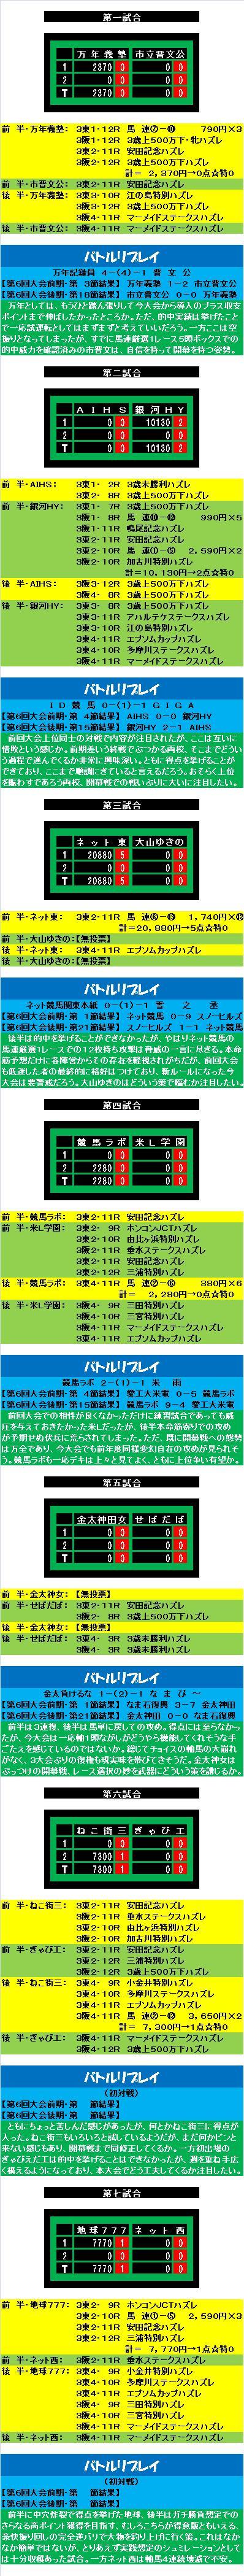 20150614・ダルマンリーグ練習試合B後半終了リプレイスコア④.jpg